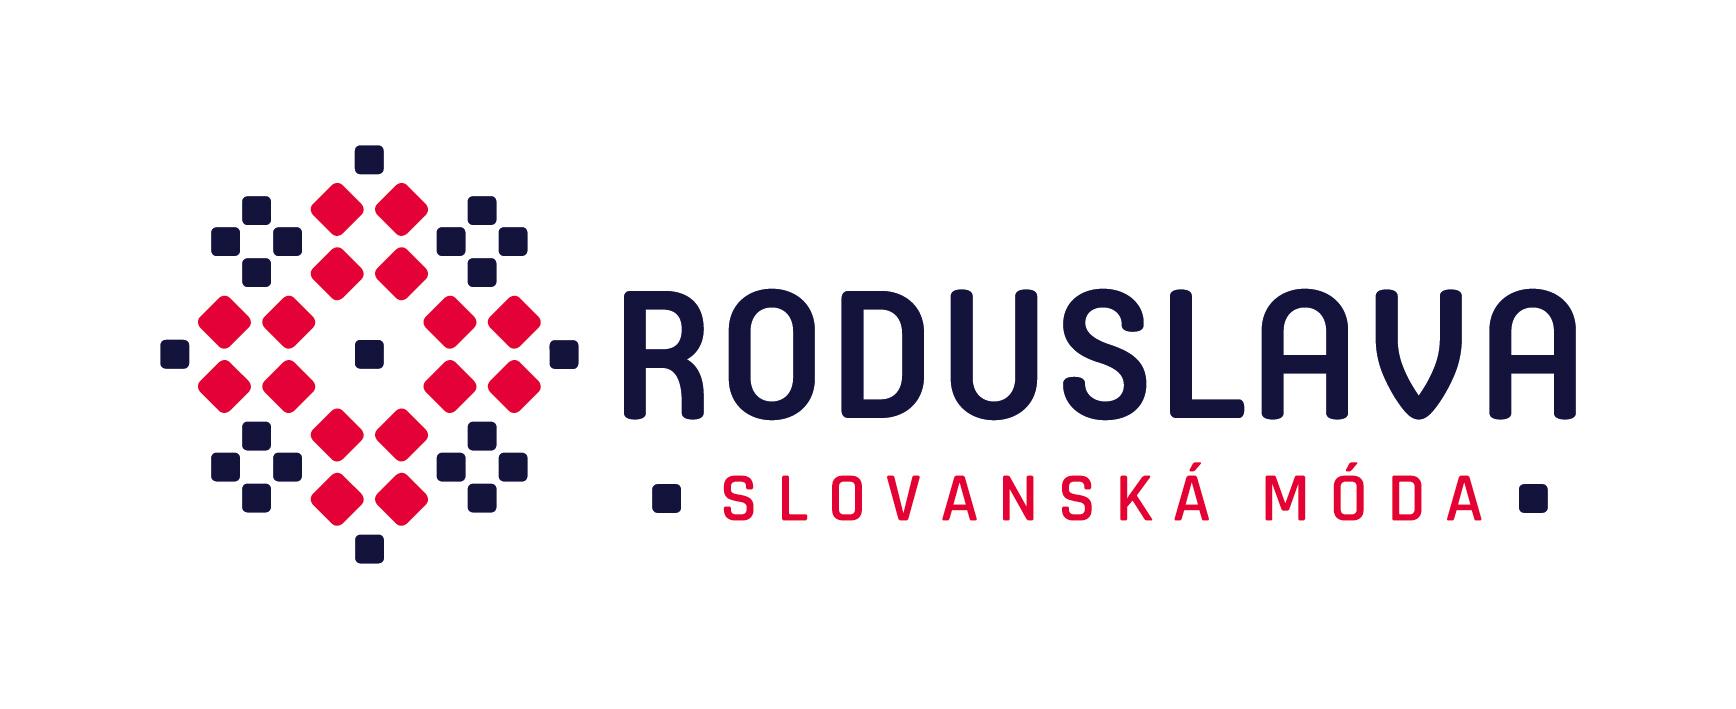 Proč si vybrat Roduslavu